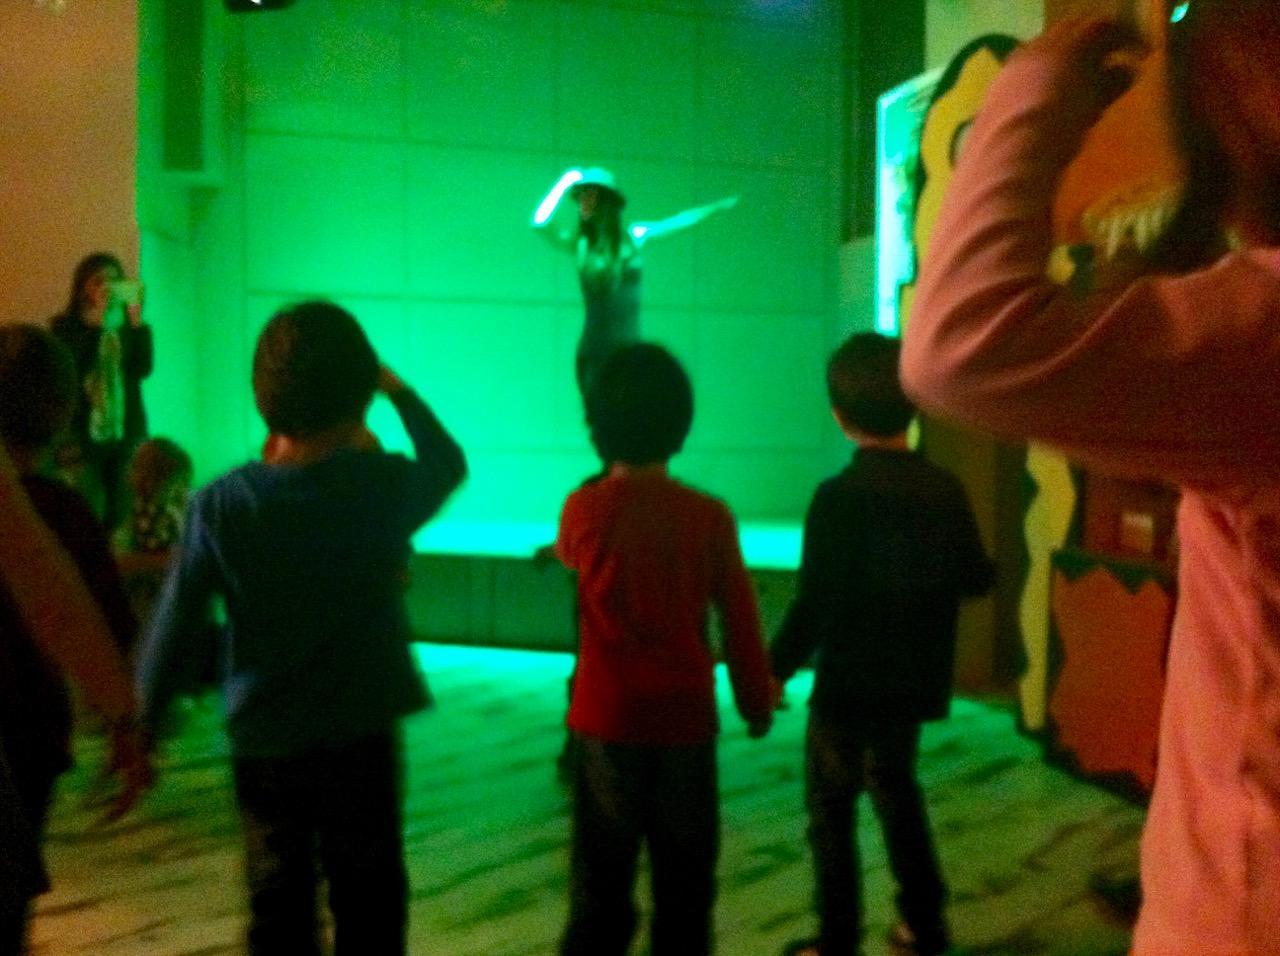 Πάρτυ στον Δον Κιχώτη: Χορός στο πάλκο.